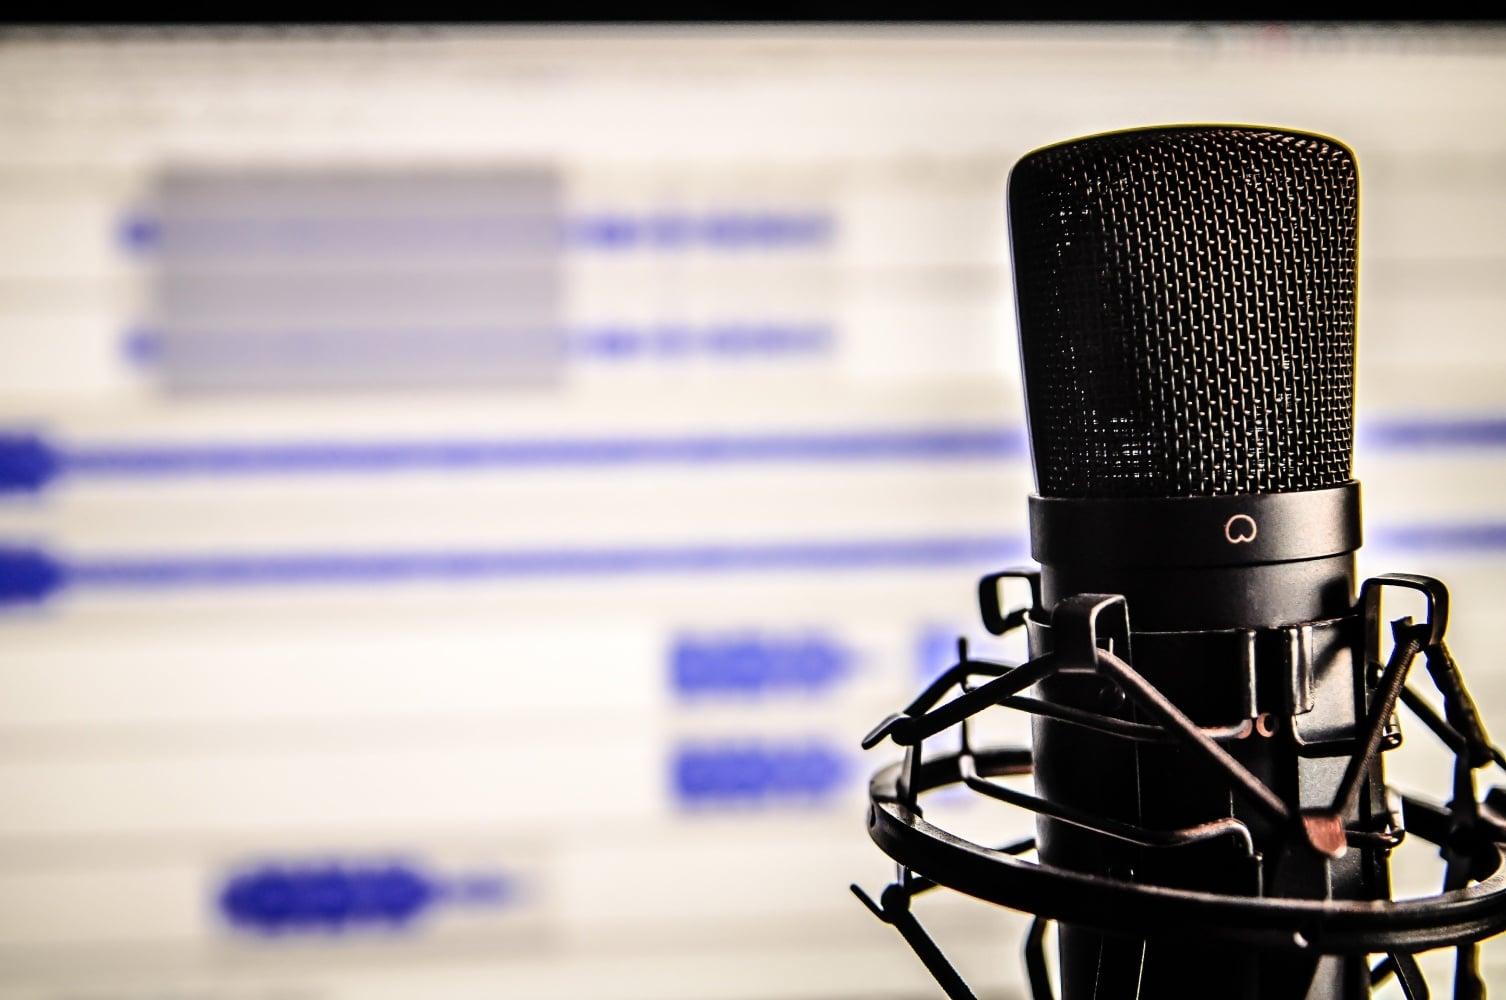 Rusza walka na podcasty? Apple może płacić zaekskluzywne treści 25